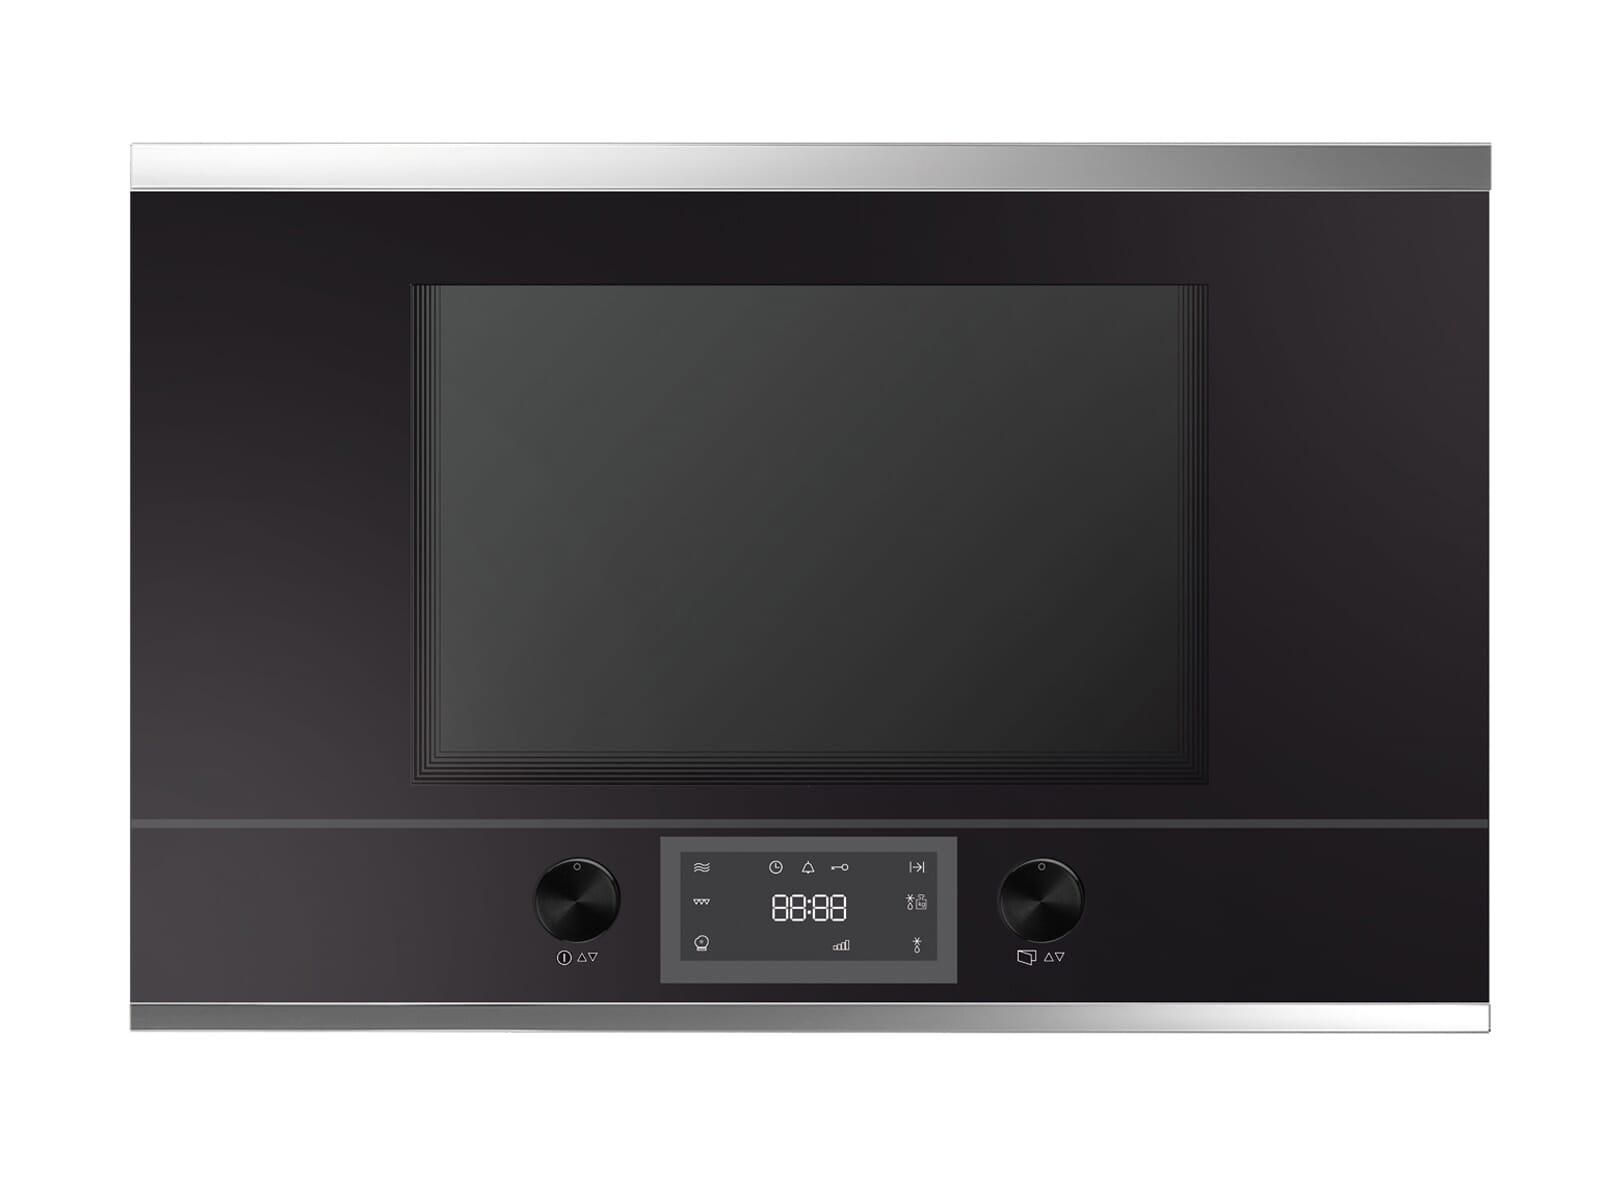 Küppersbusch ML 6330.0 S3 K-Series. 3 Einbau-Mikrowelle Schwarz/Silver Chrome